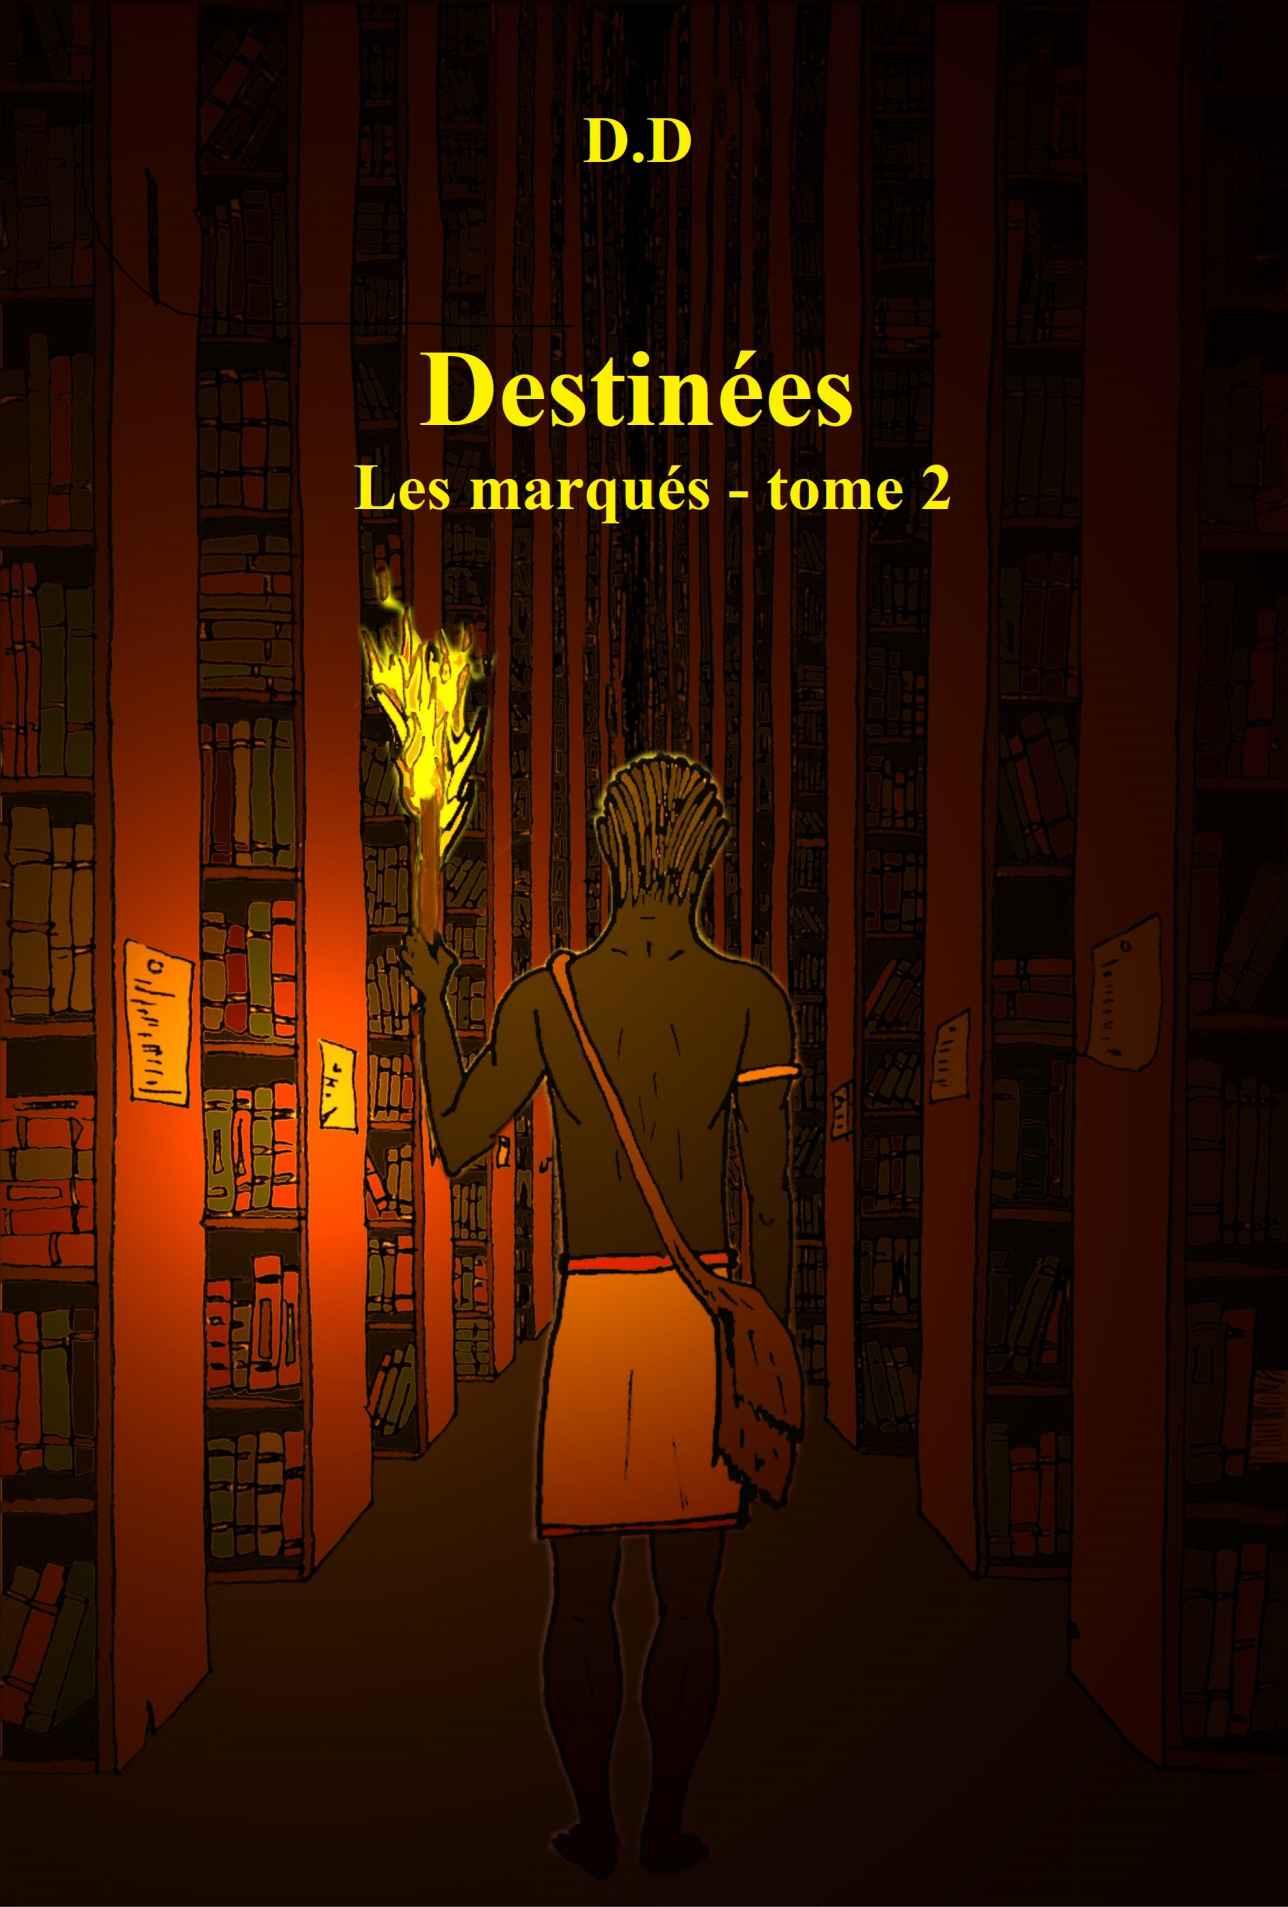 Destinées (Les Marqués tome 2)